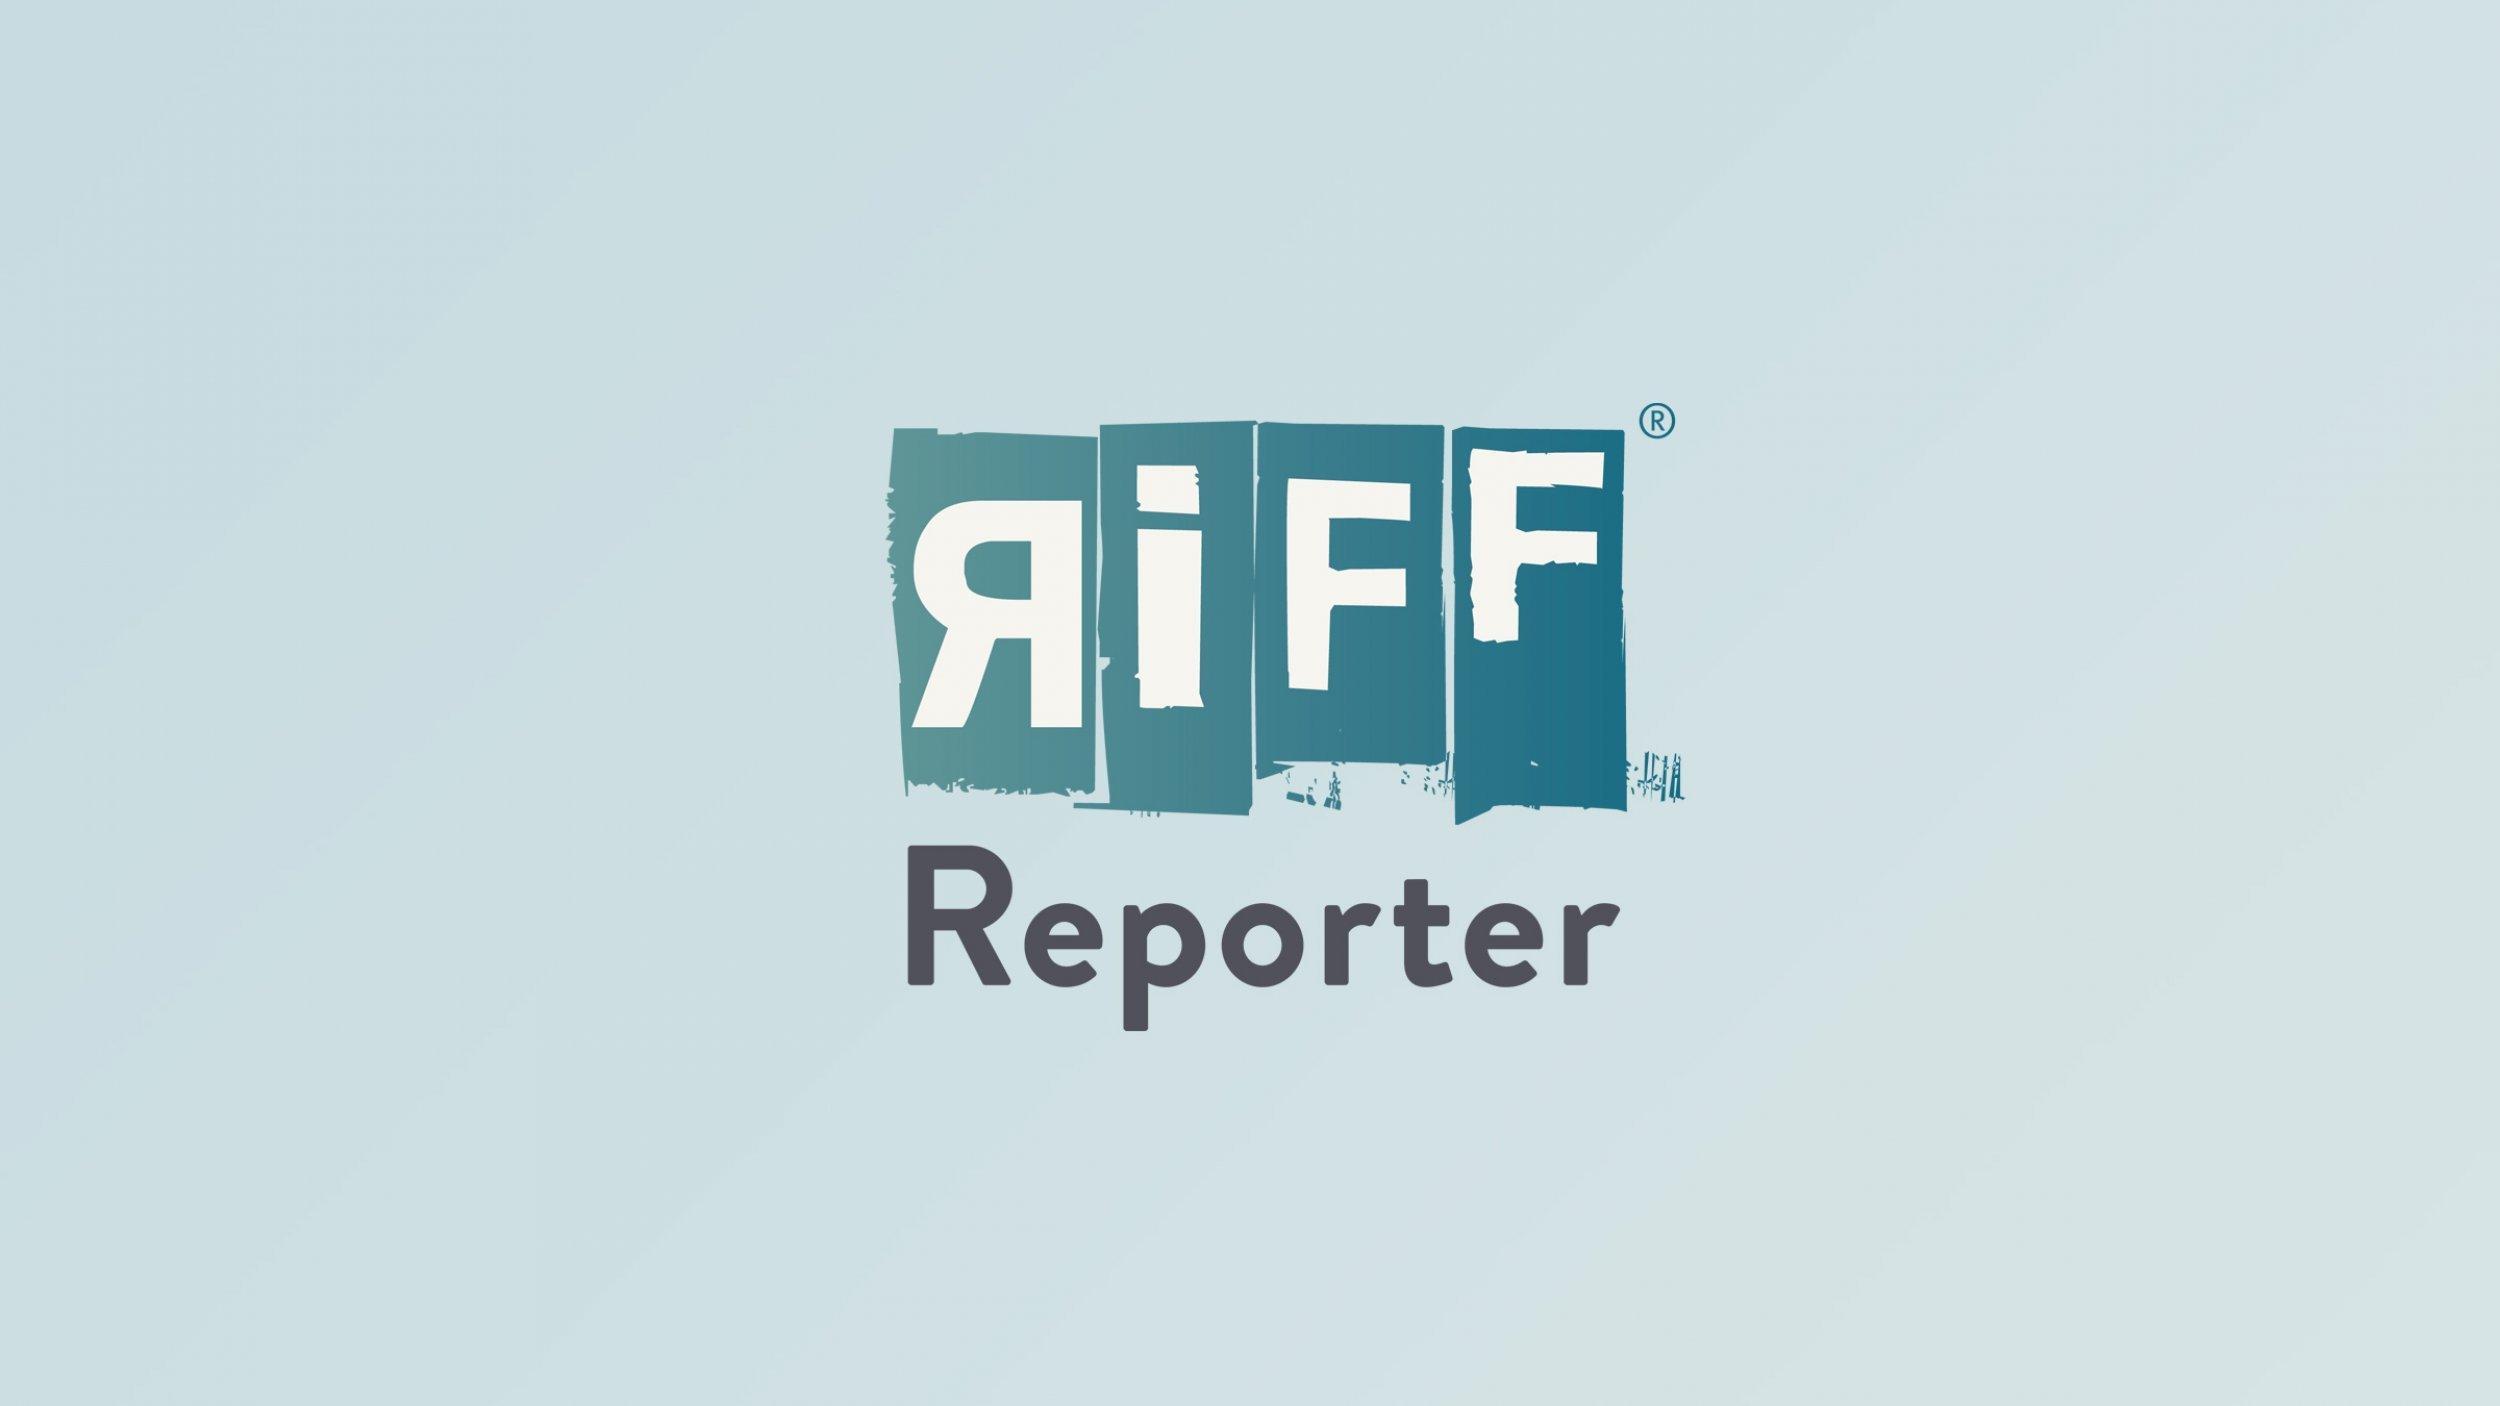 Fotomontage zeigt ein Stop-Schild vor einem Foto von Erde und der aufgehenden, überblendenden Sonne im Orbit